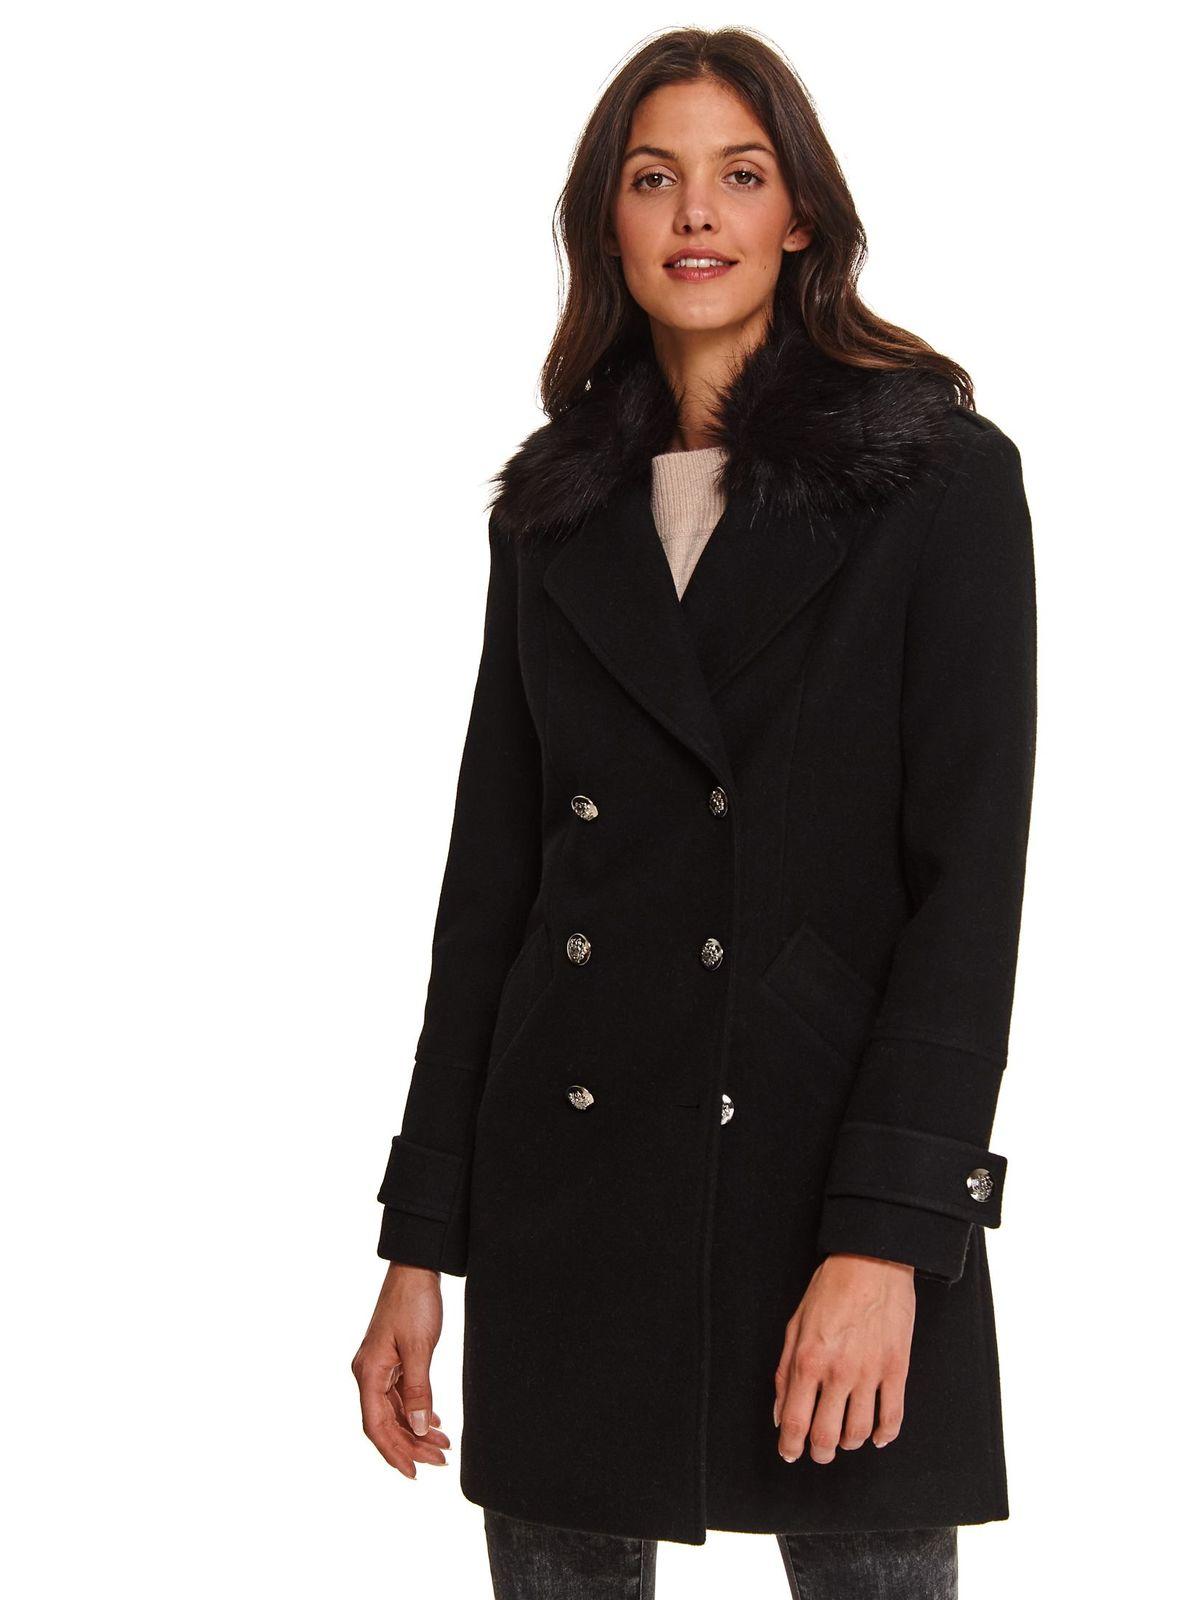 Fekete casual egyenes kabát vastag szövet anyagból